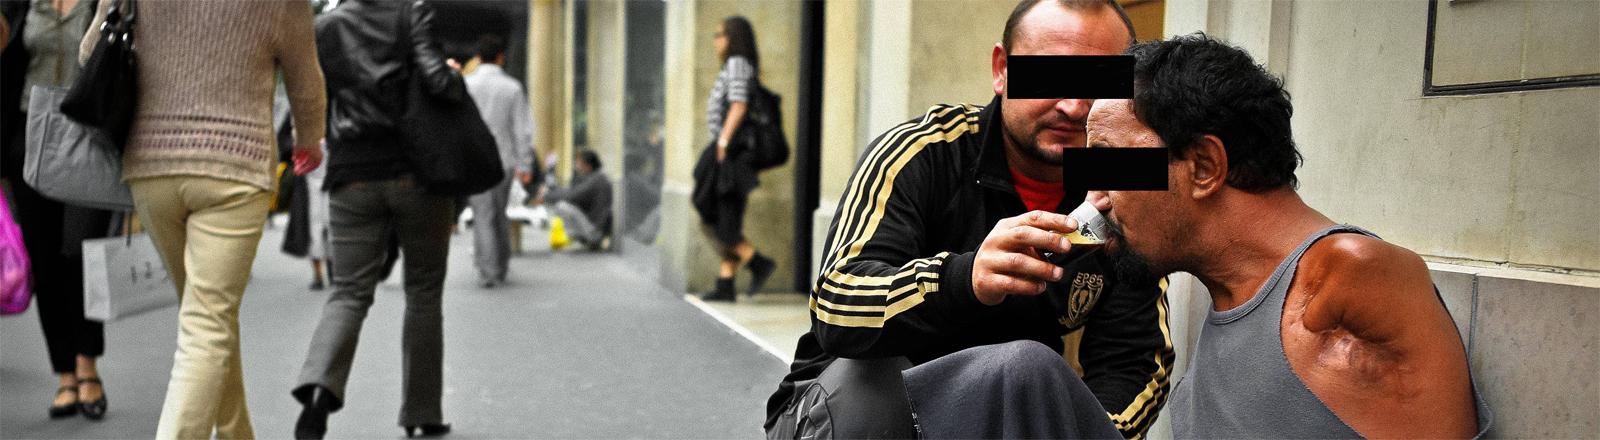 Obdachloser mit Helfer: Straßenszene aus Frankreich – aufgenommen 2010